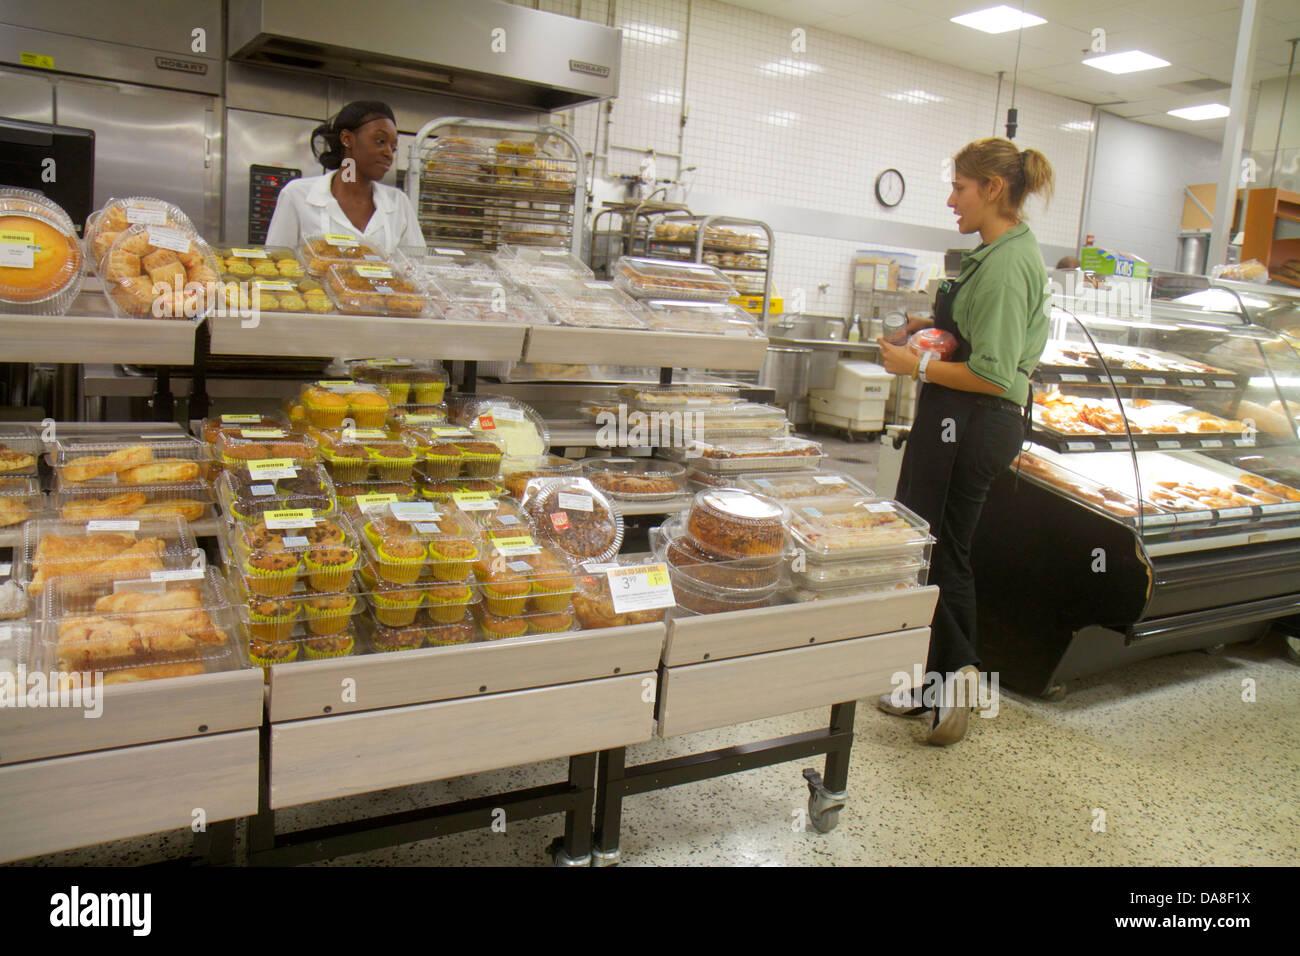 Florida Marco Island Publix Supermarkt Supermarkt Verkauf Shopping Bäckerei Backwaren Frau store Schwarz Mitarbeiter Stockbild